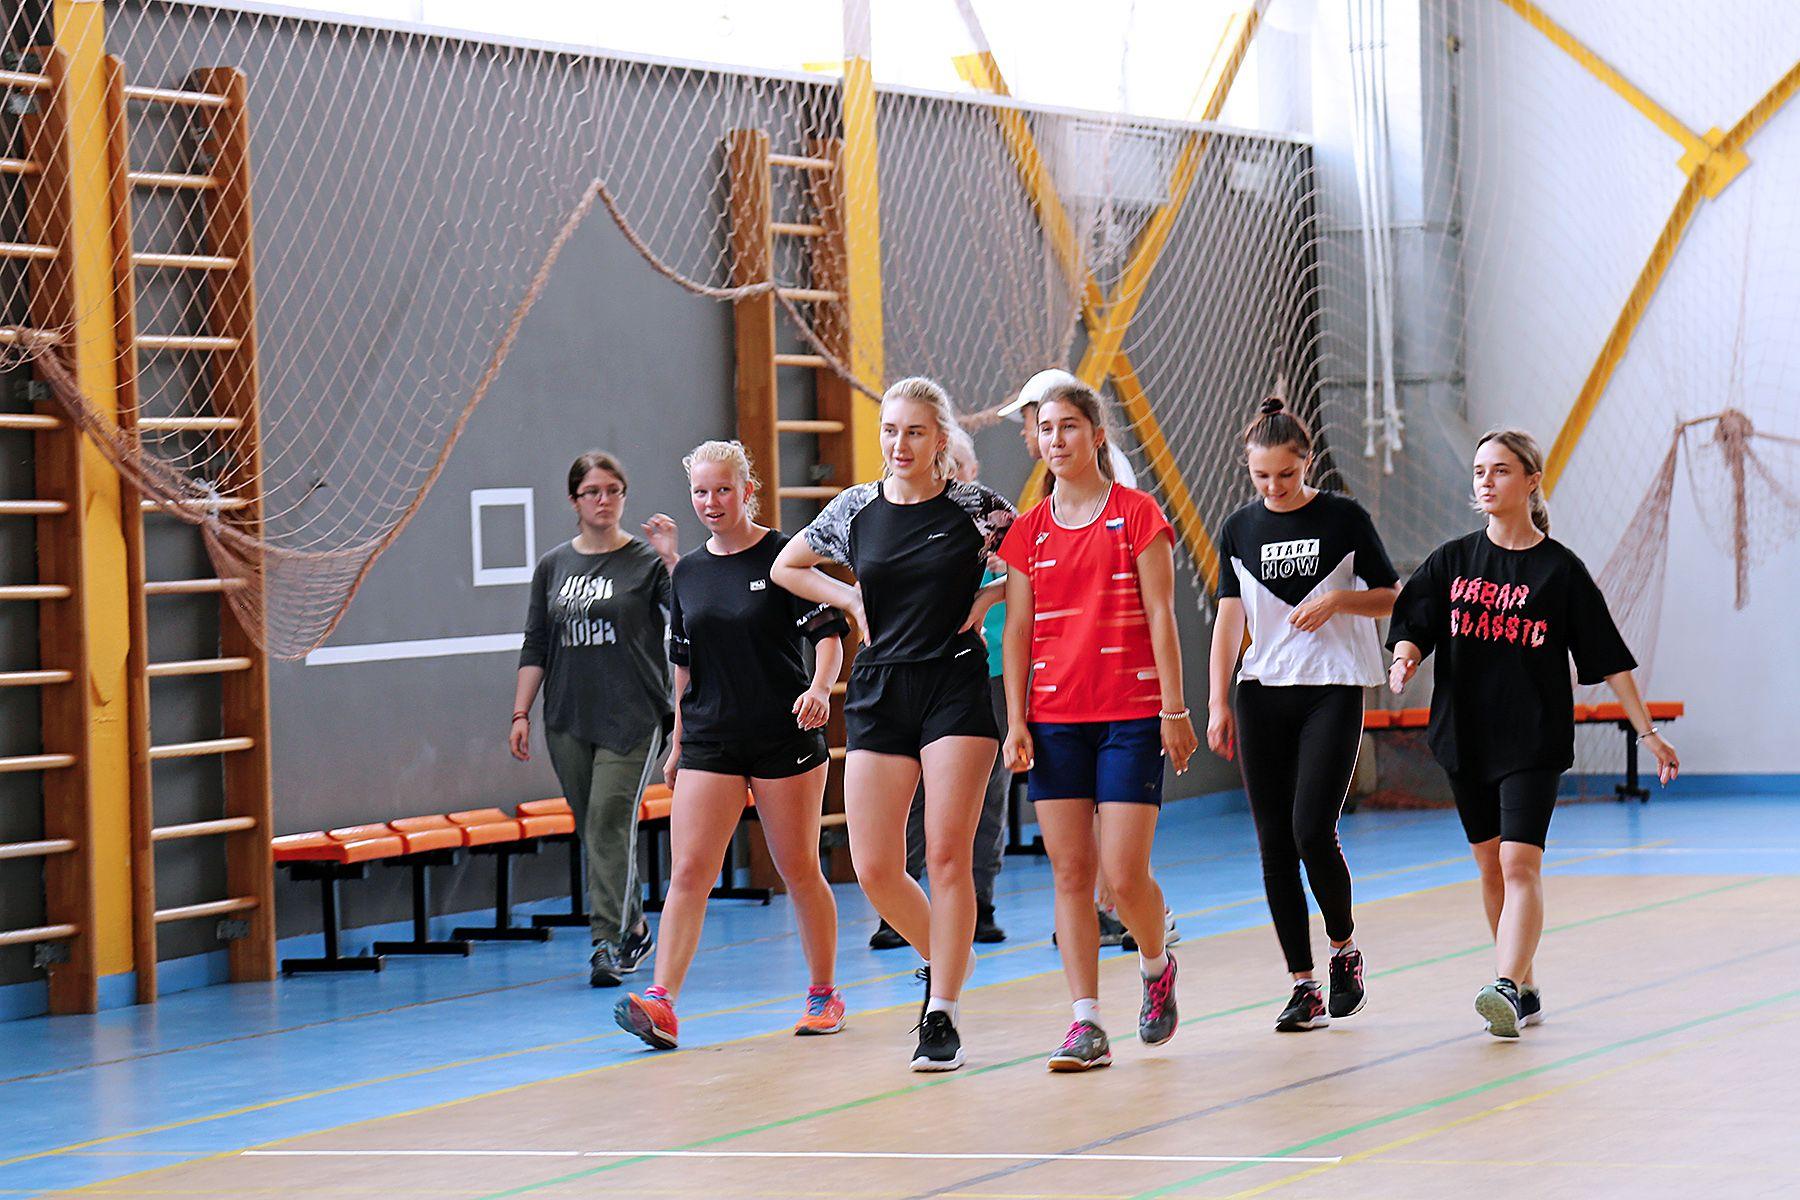 Абитуриенты ВГУЭС проходят вступительные испытания: будущие тренеры и преподаватели физкультуры сдают общую физическую подготовку